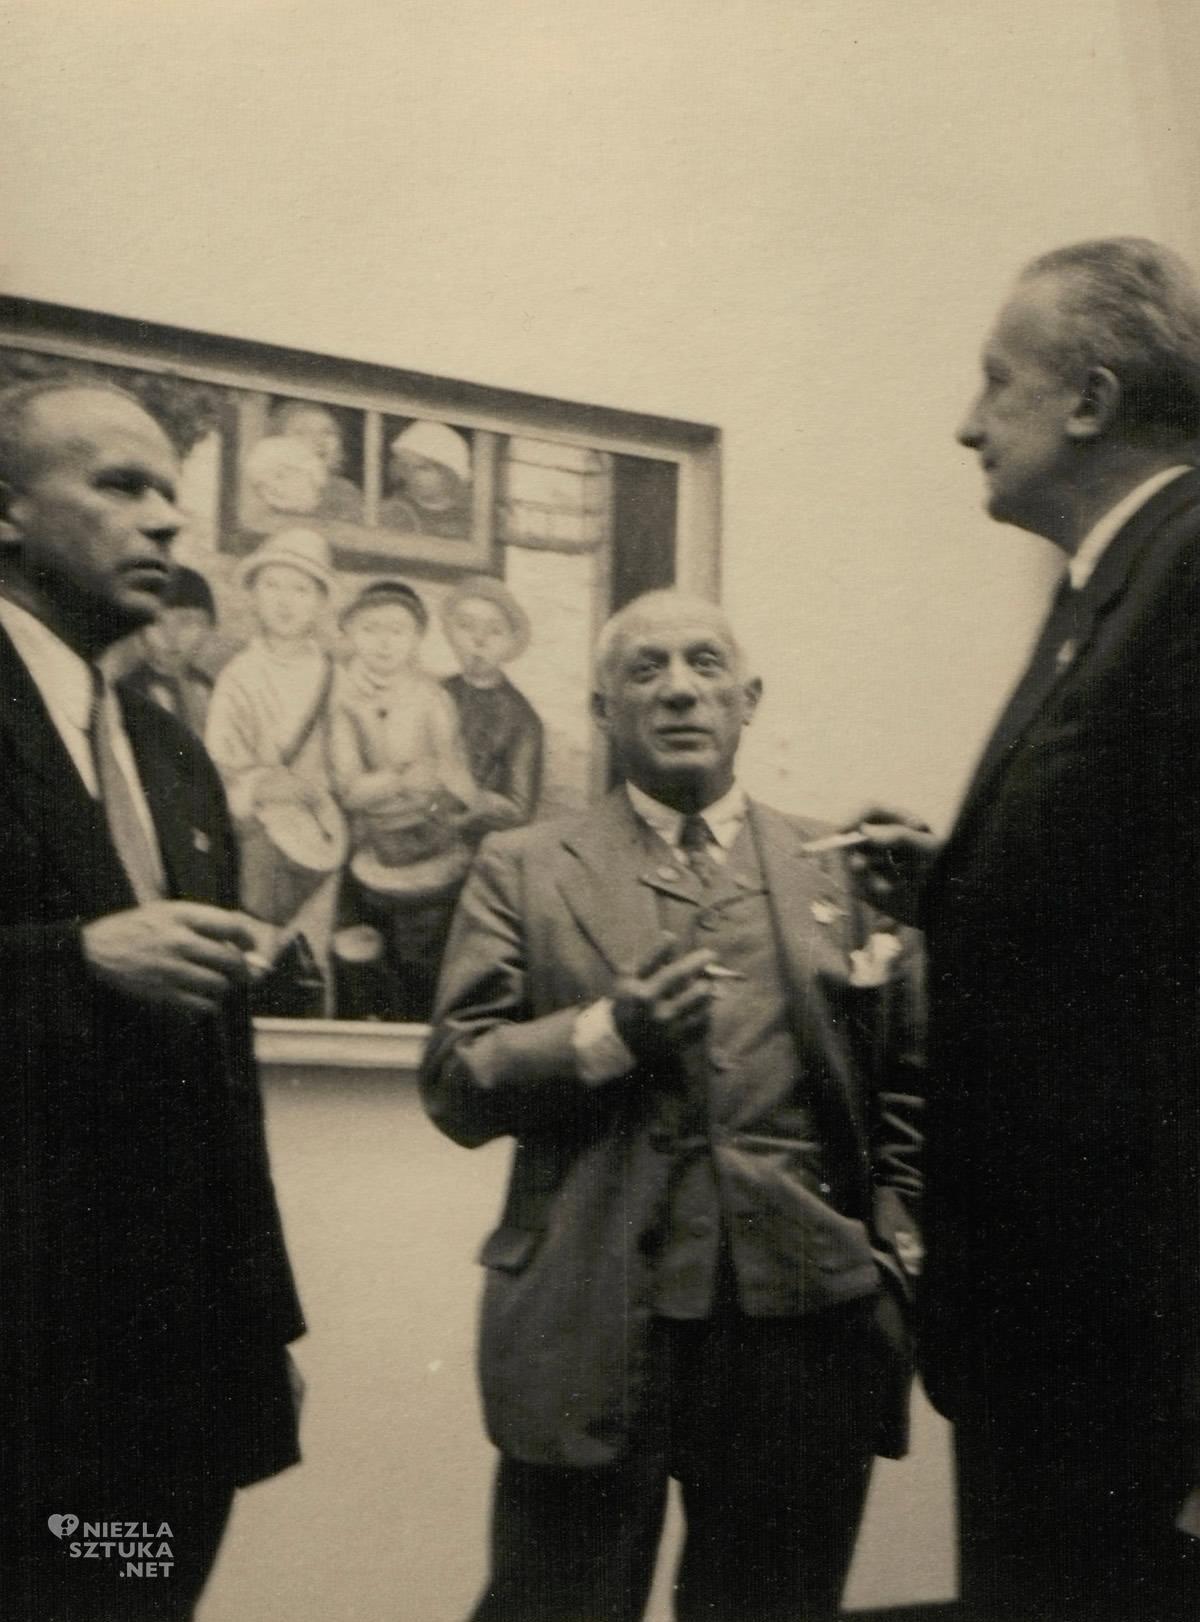 Pablo Picasso w Warszawie, Picasso w Muzeum Narodowym w Warszawie, Niezła sztuka